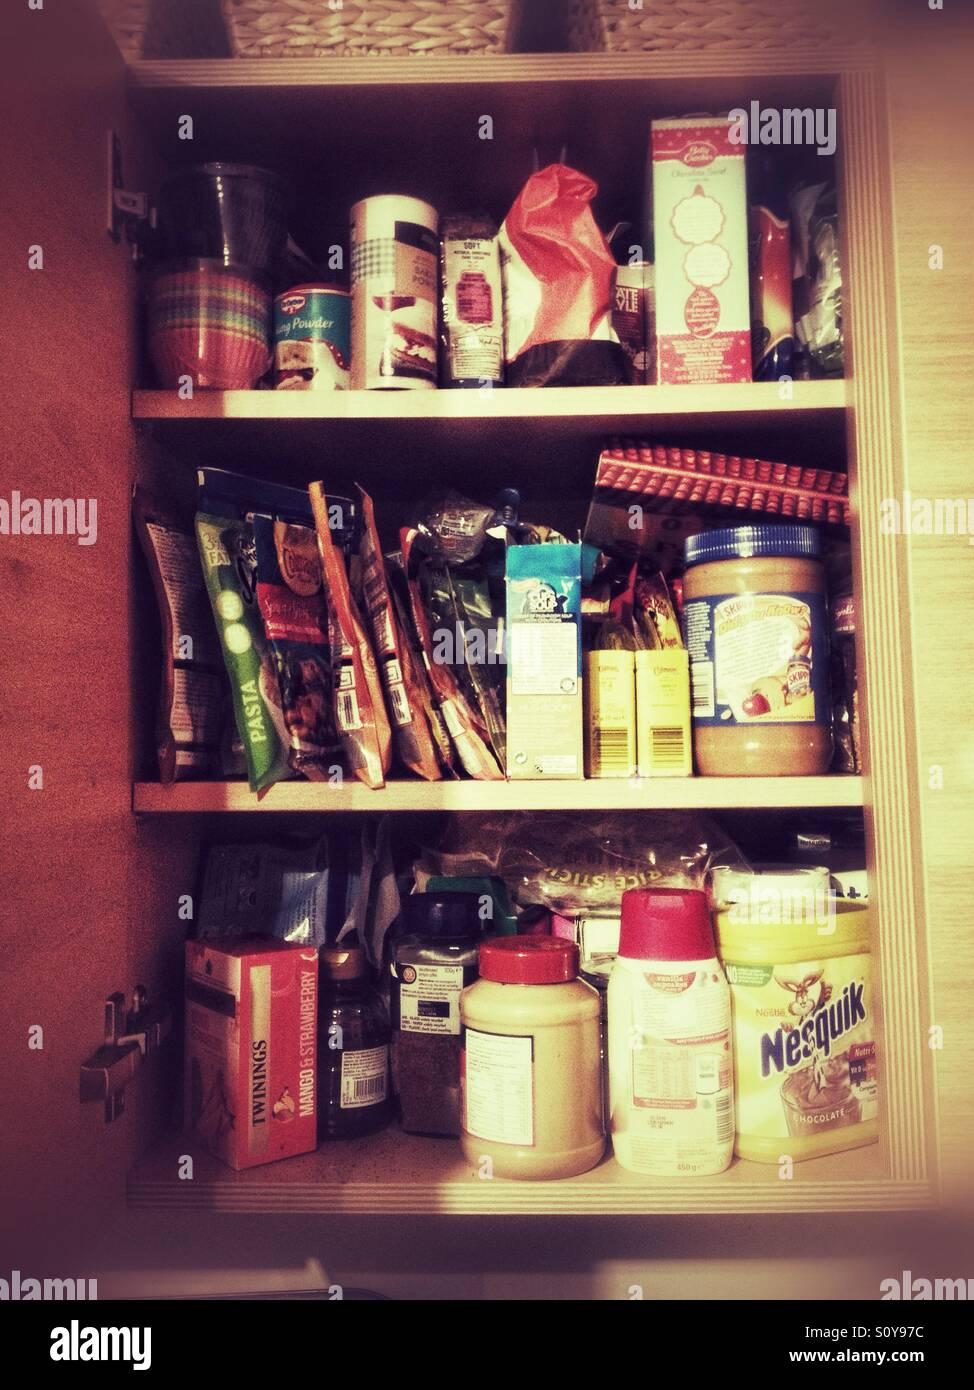 Una cucina piena di cibo. Immagini Stock